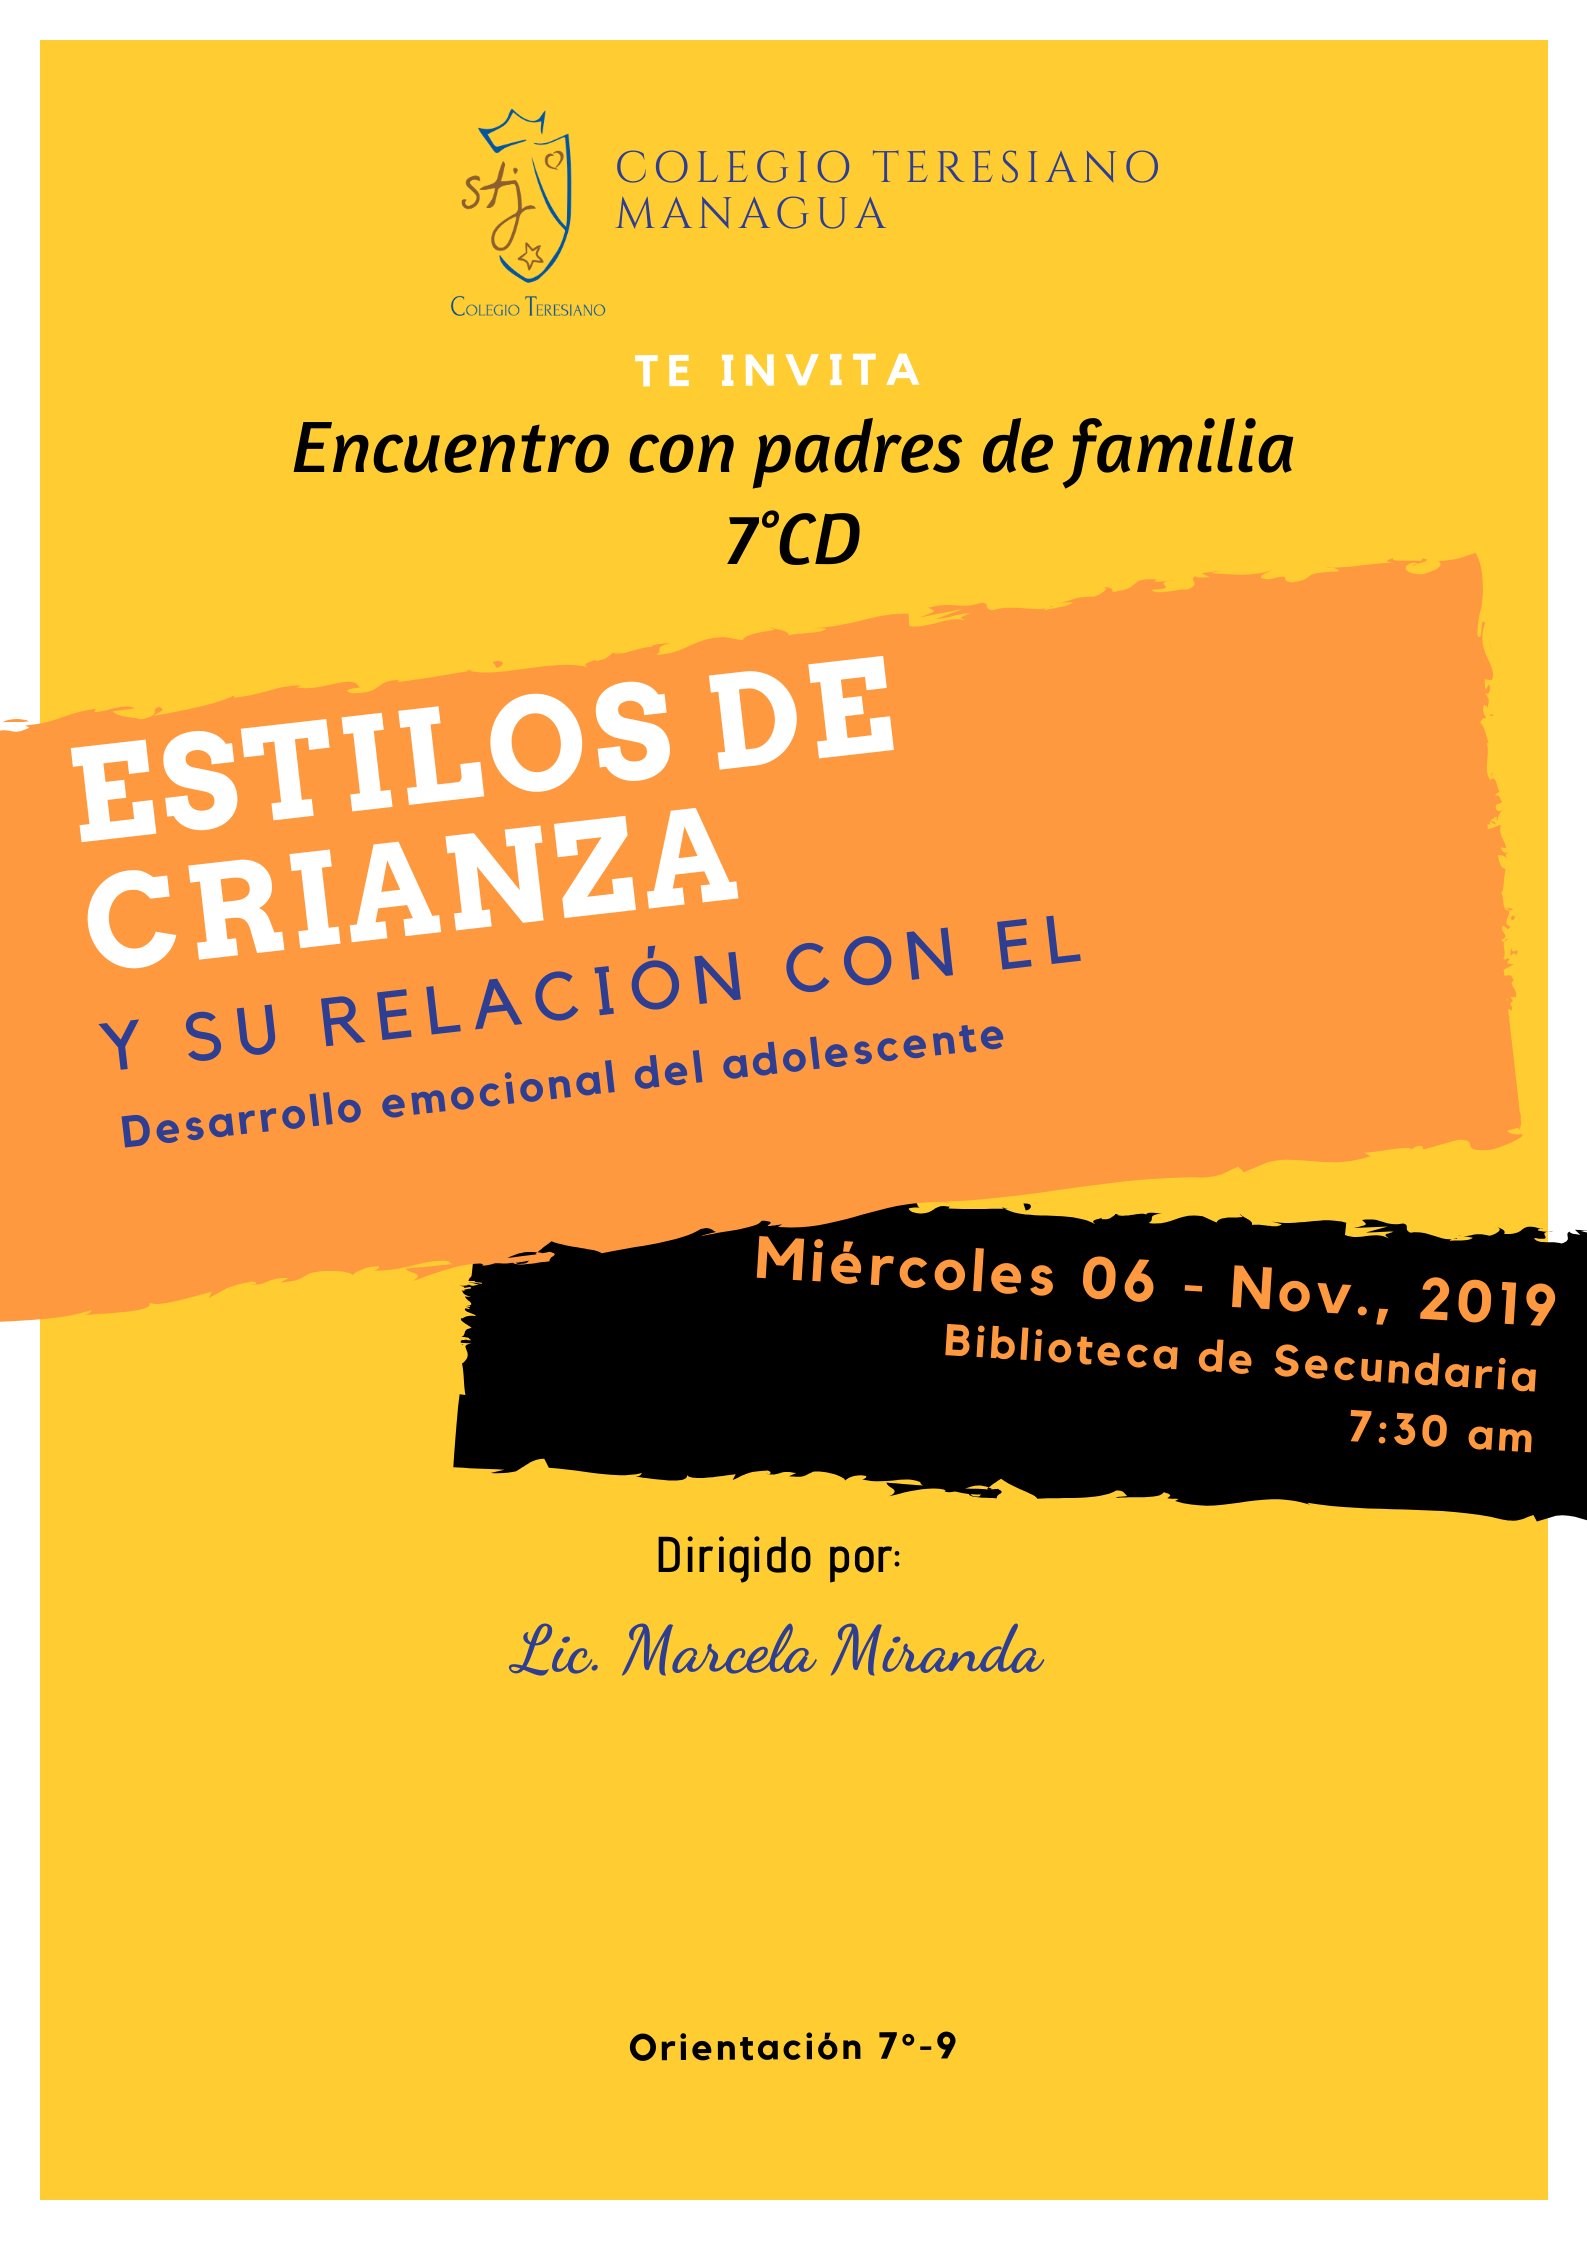 CHARLA SOBRE ESTILOS DE CRIANZA – 7mo.CD